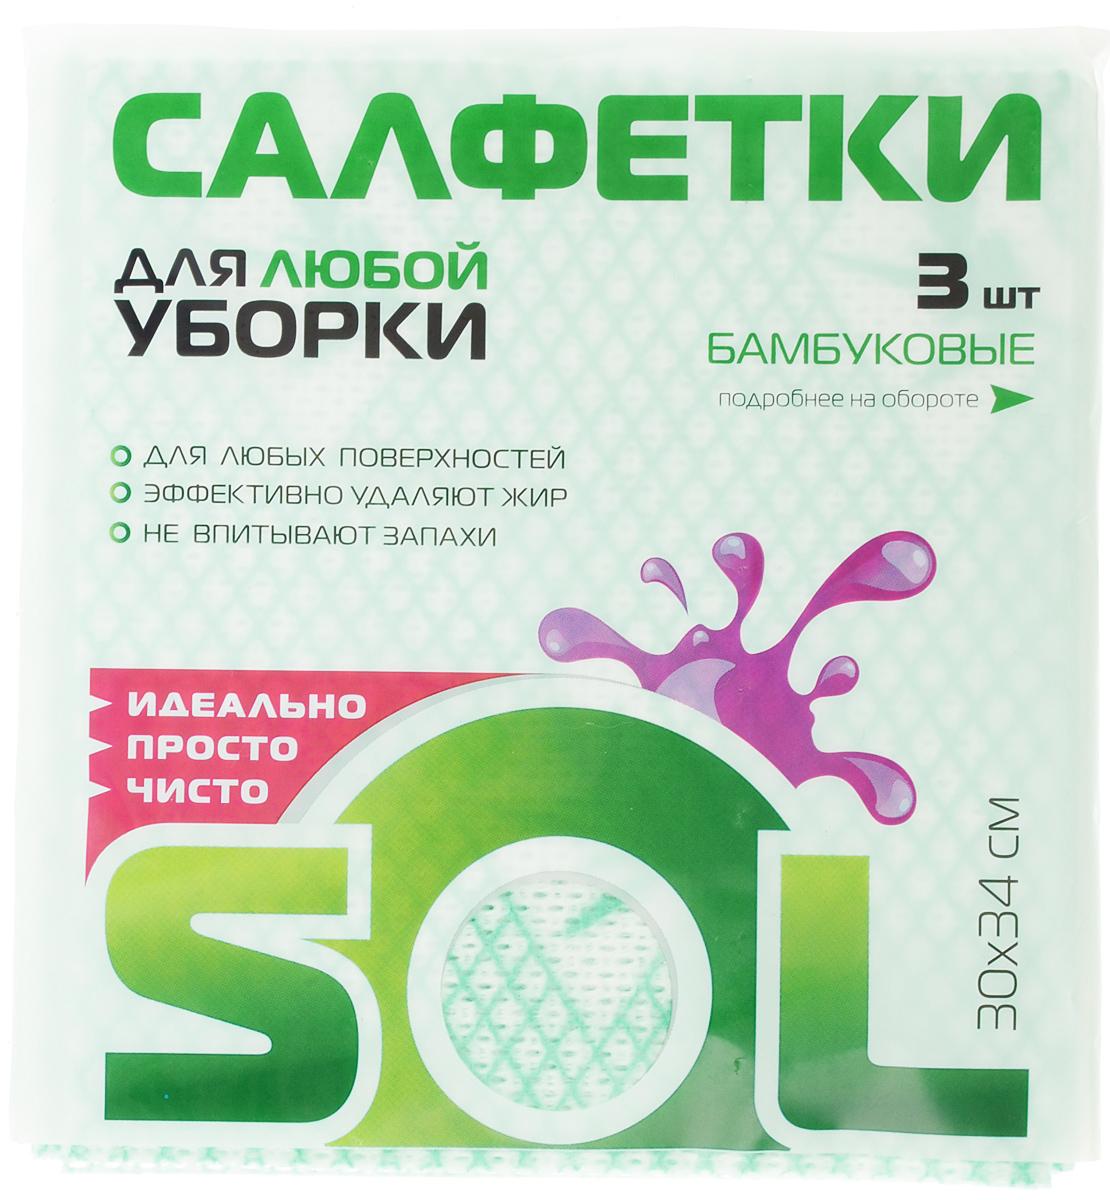 Салфетка для уборки Sol, из бамбукового волокна, цвет: белый, зеленый, 30 x 34 см, 3 шт10001/70007Салфетки Sol, выполненные из бамбукового волокна, вискозы и полиэстера, предназначены для уборки. Бамбуковое волокно - экологичный и безопасный для здоровья человека материал, не содержащий в своем составе никаких химический добавок, синтетических материалов и примесей. Благодаря трубчатой структуре волокон, жир и грязь не впитываются в ткань, легко вымываются обычной водой.Рекомендации по уходу:Бамбуковые салфетки не требуют особого ухода. После каждого использования их рекомендуется промыть под струей воды и просушить. Периодически рекомендуется простирывать салфетки мылом. Не следует стирать их с порошками, а также специальными очистителями или бытовыми моющими средствами. Кроме того не рекомендуется сушить салфетки на батарее.